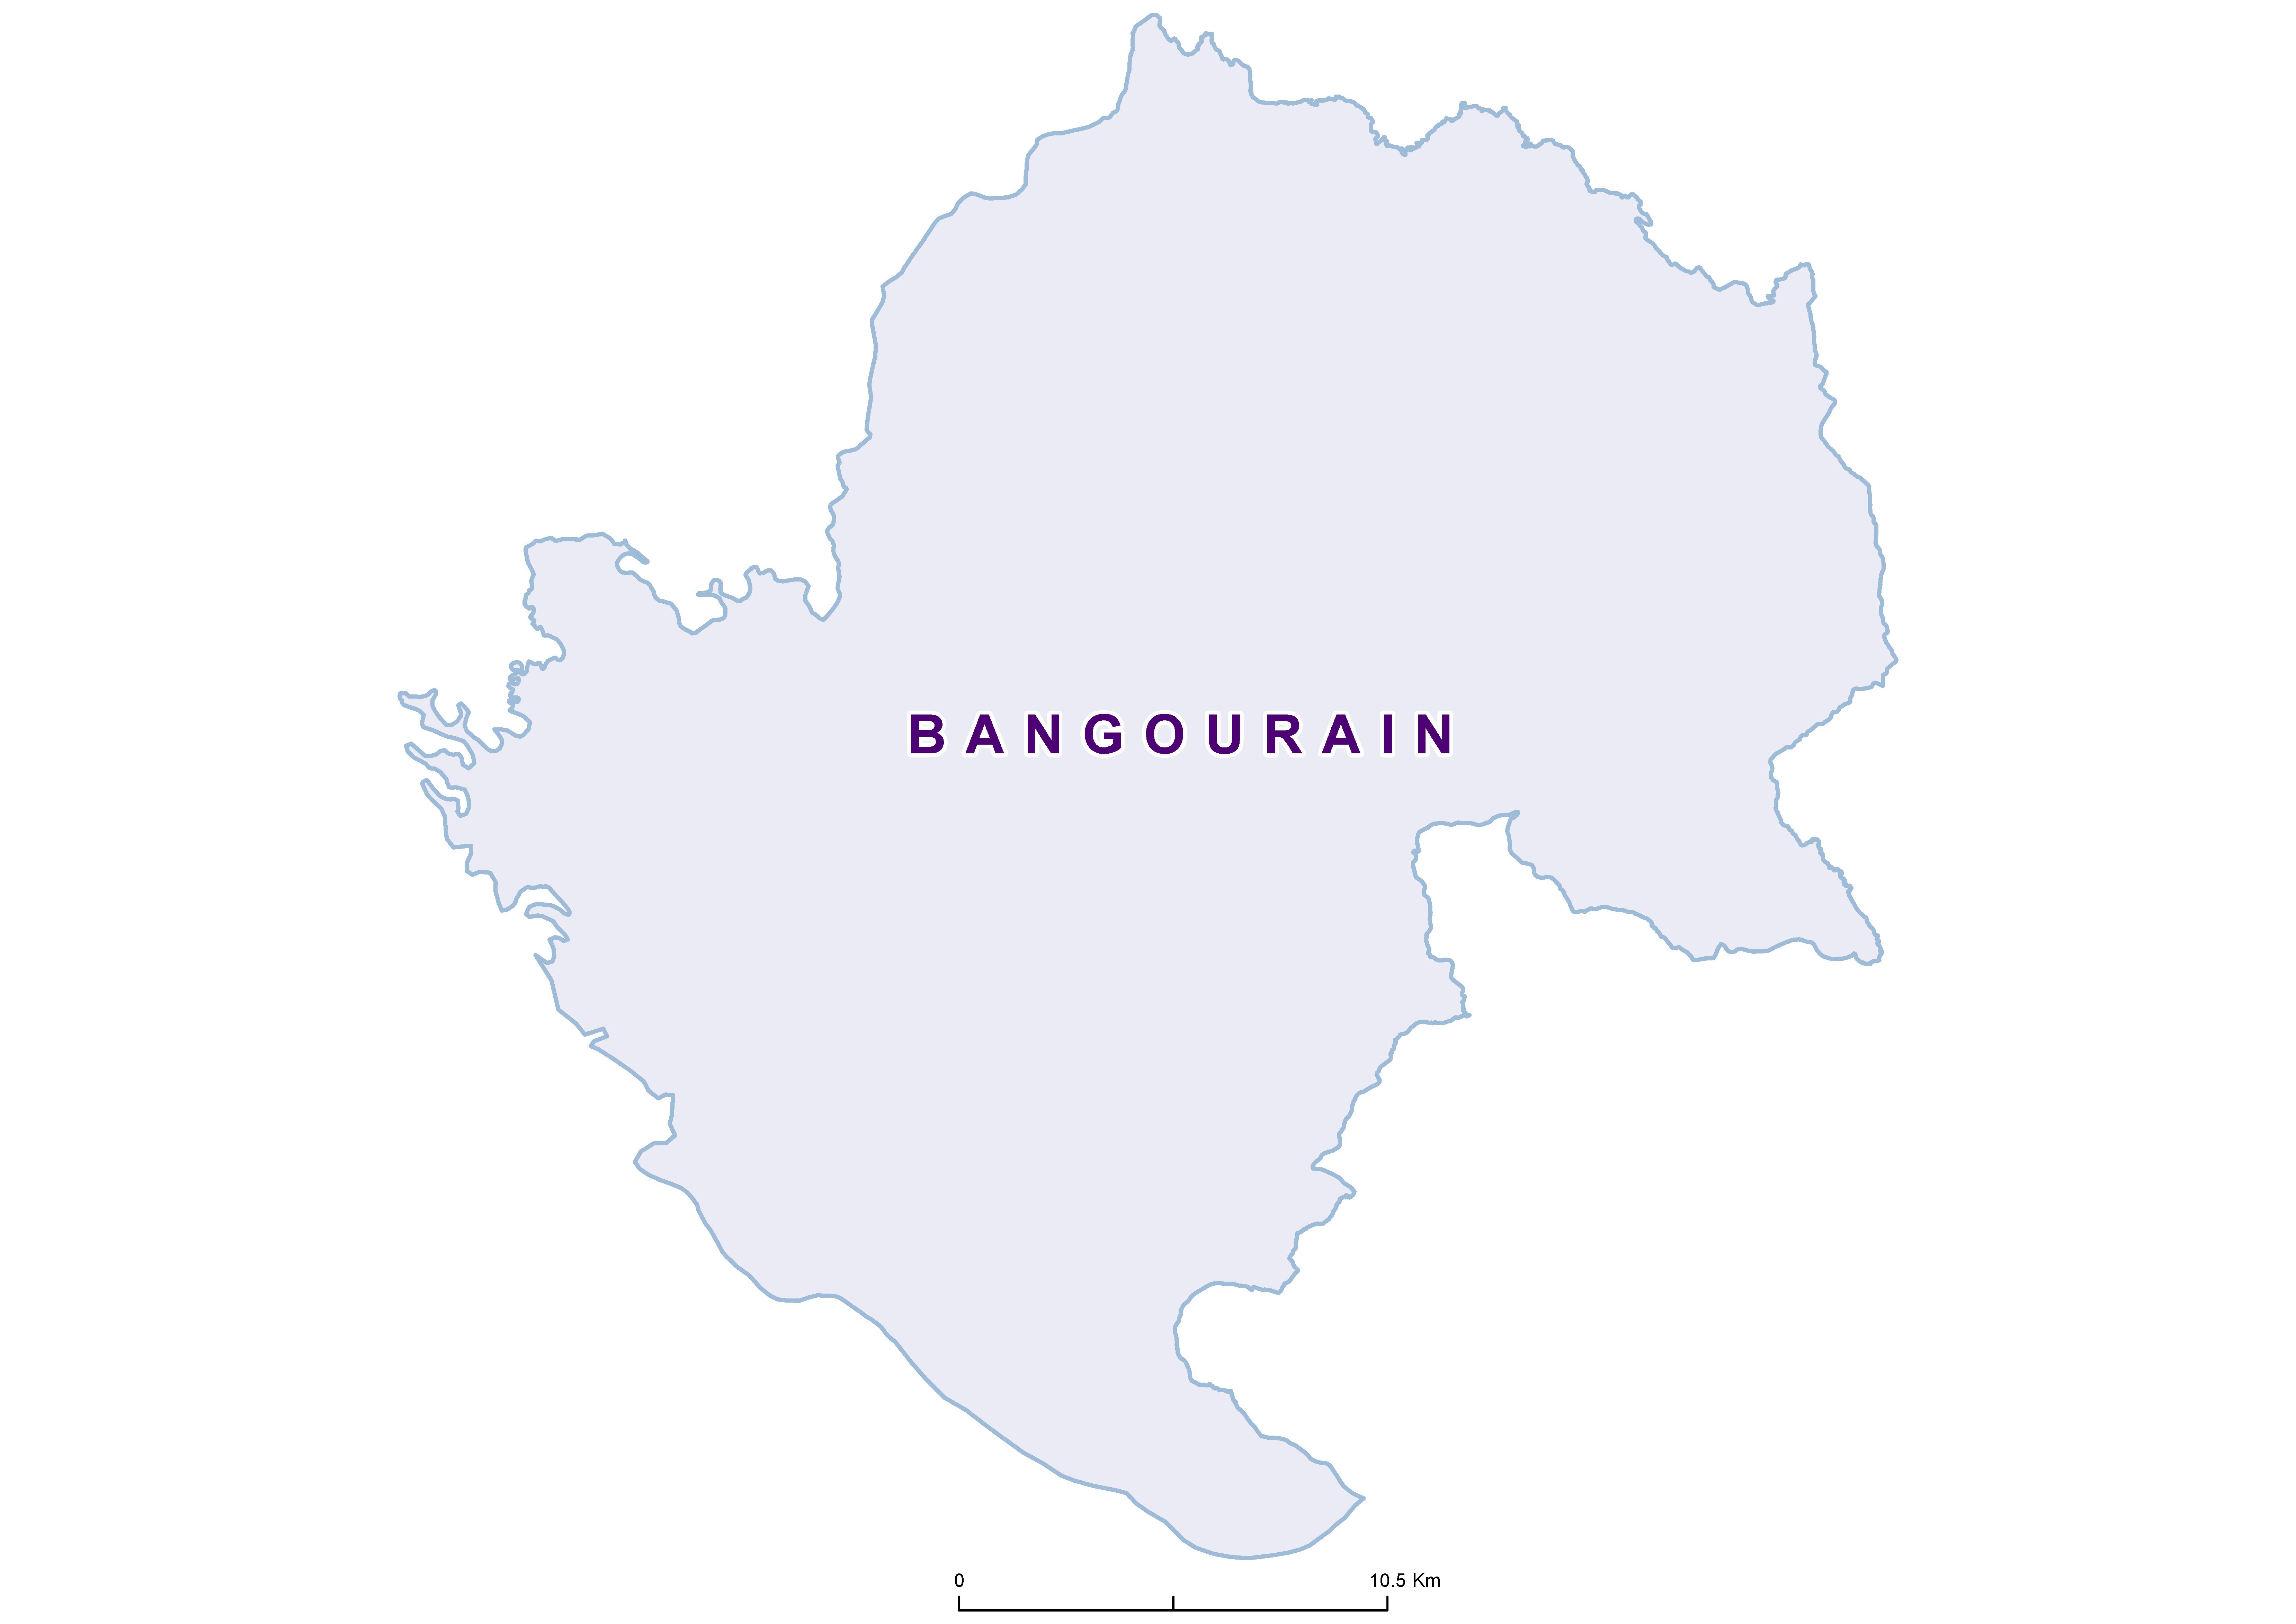 Bangourain Max SCH 19850001